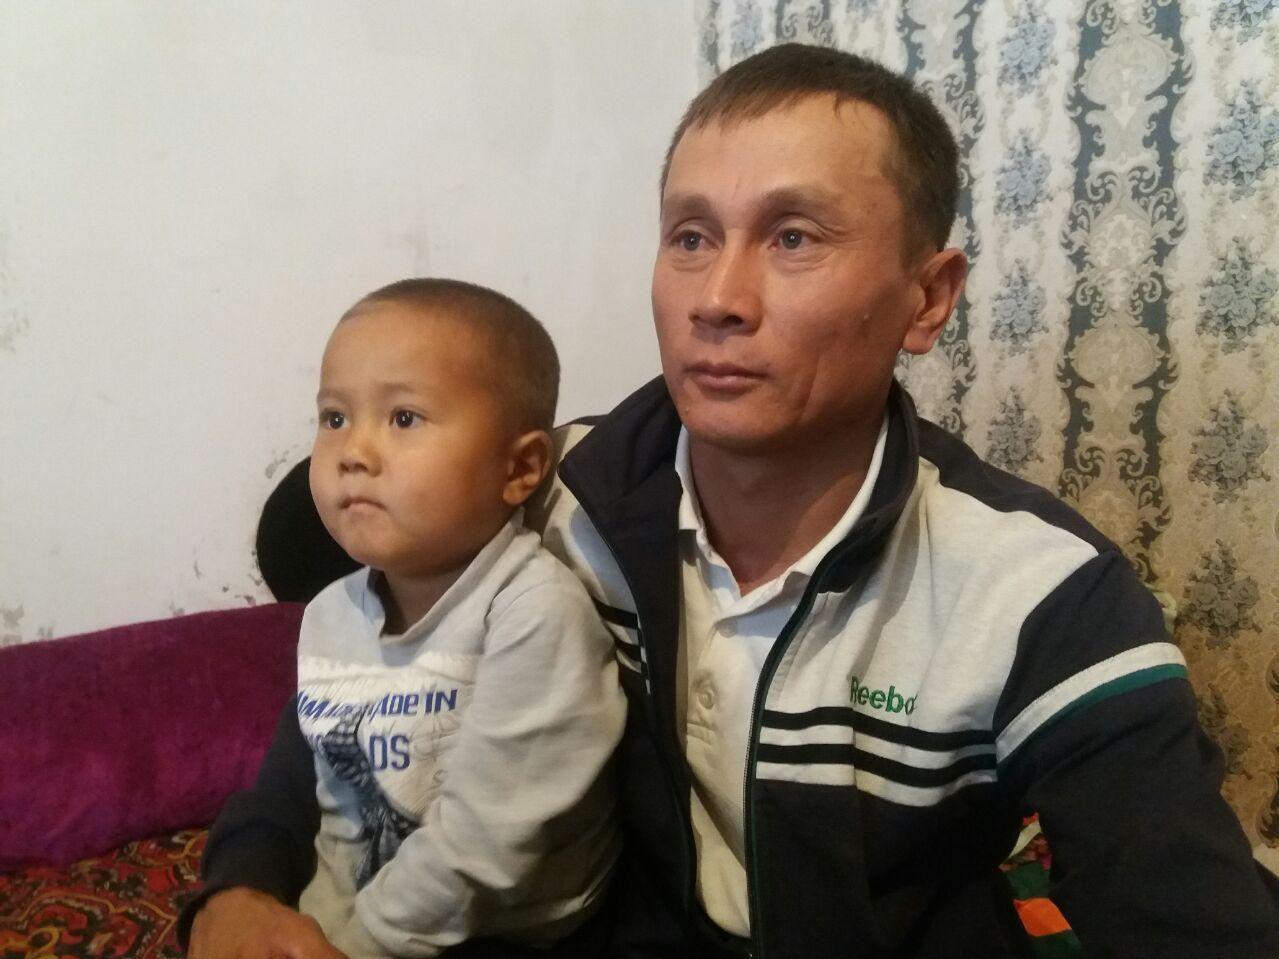 Житель Села Сафаровка 34-летний Медетбек Абжапаров, похож на президента России Владимира Путина